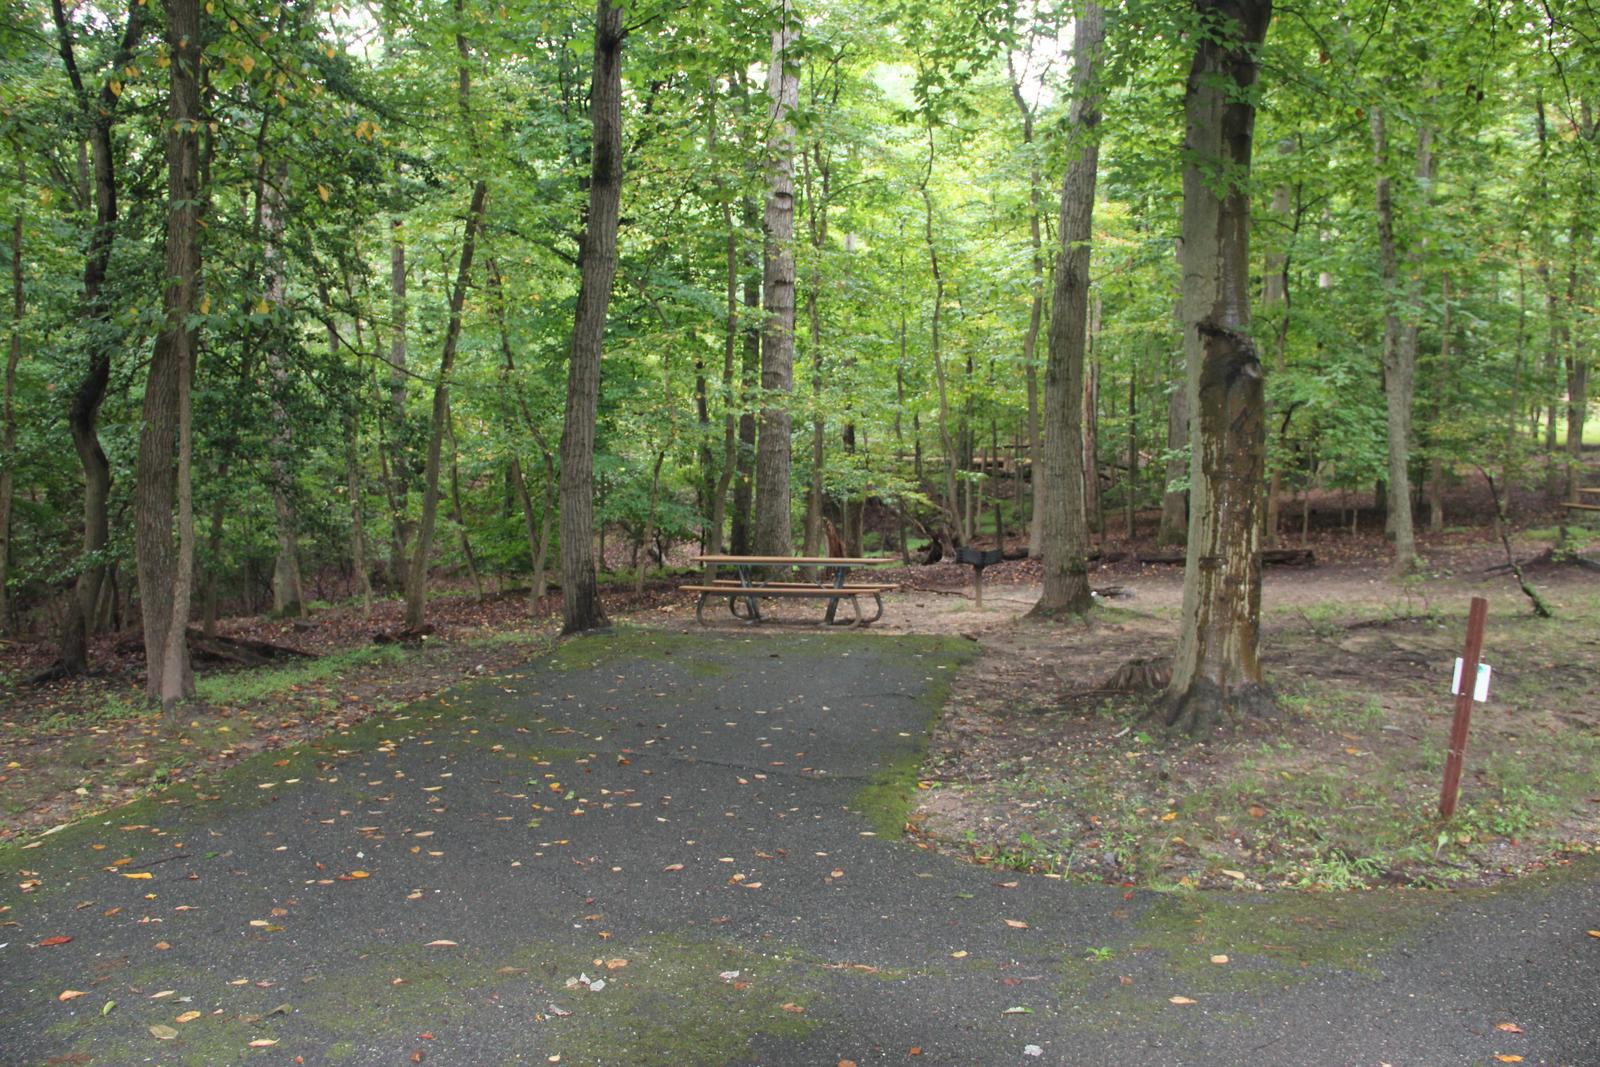 Greenbelt Park Campground Site 010